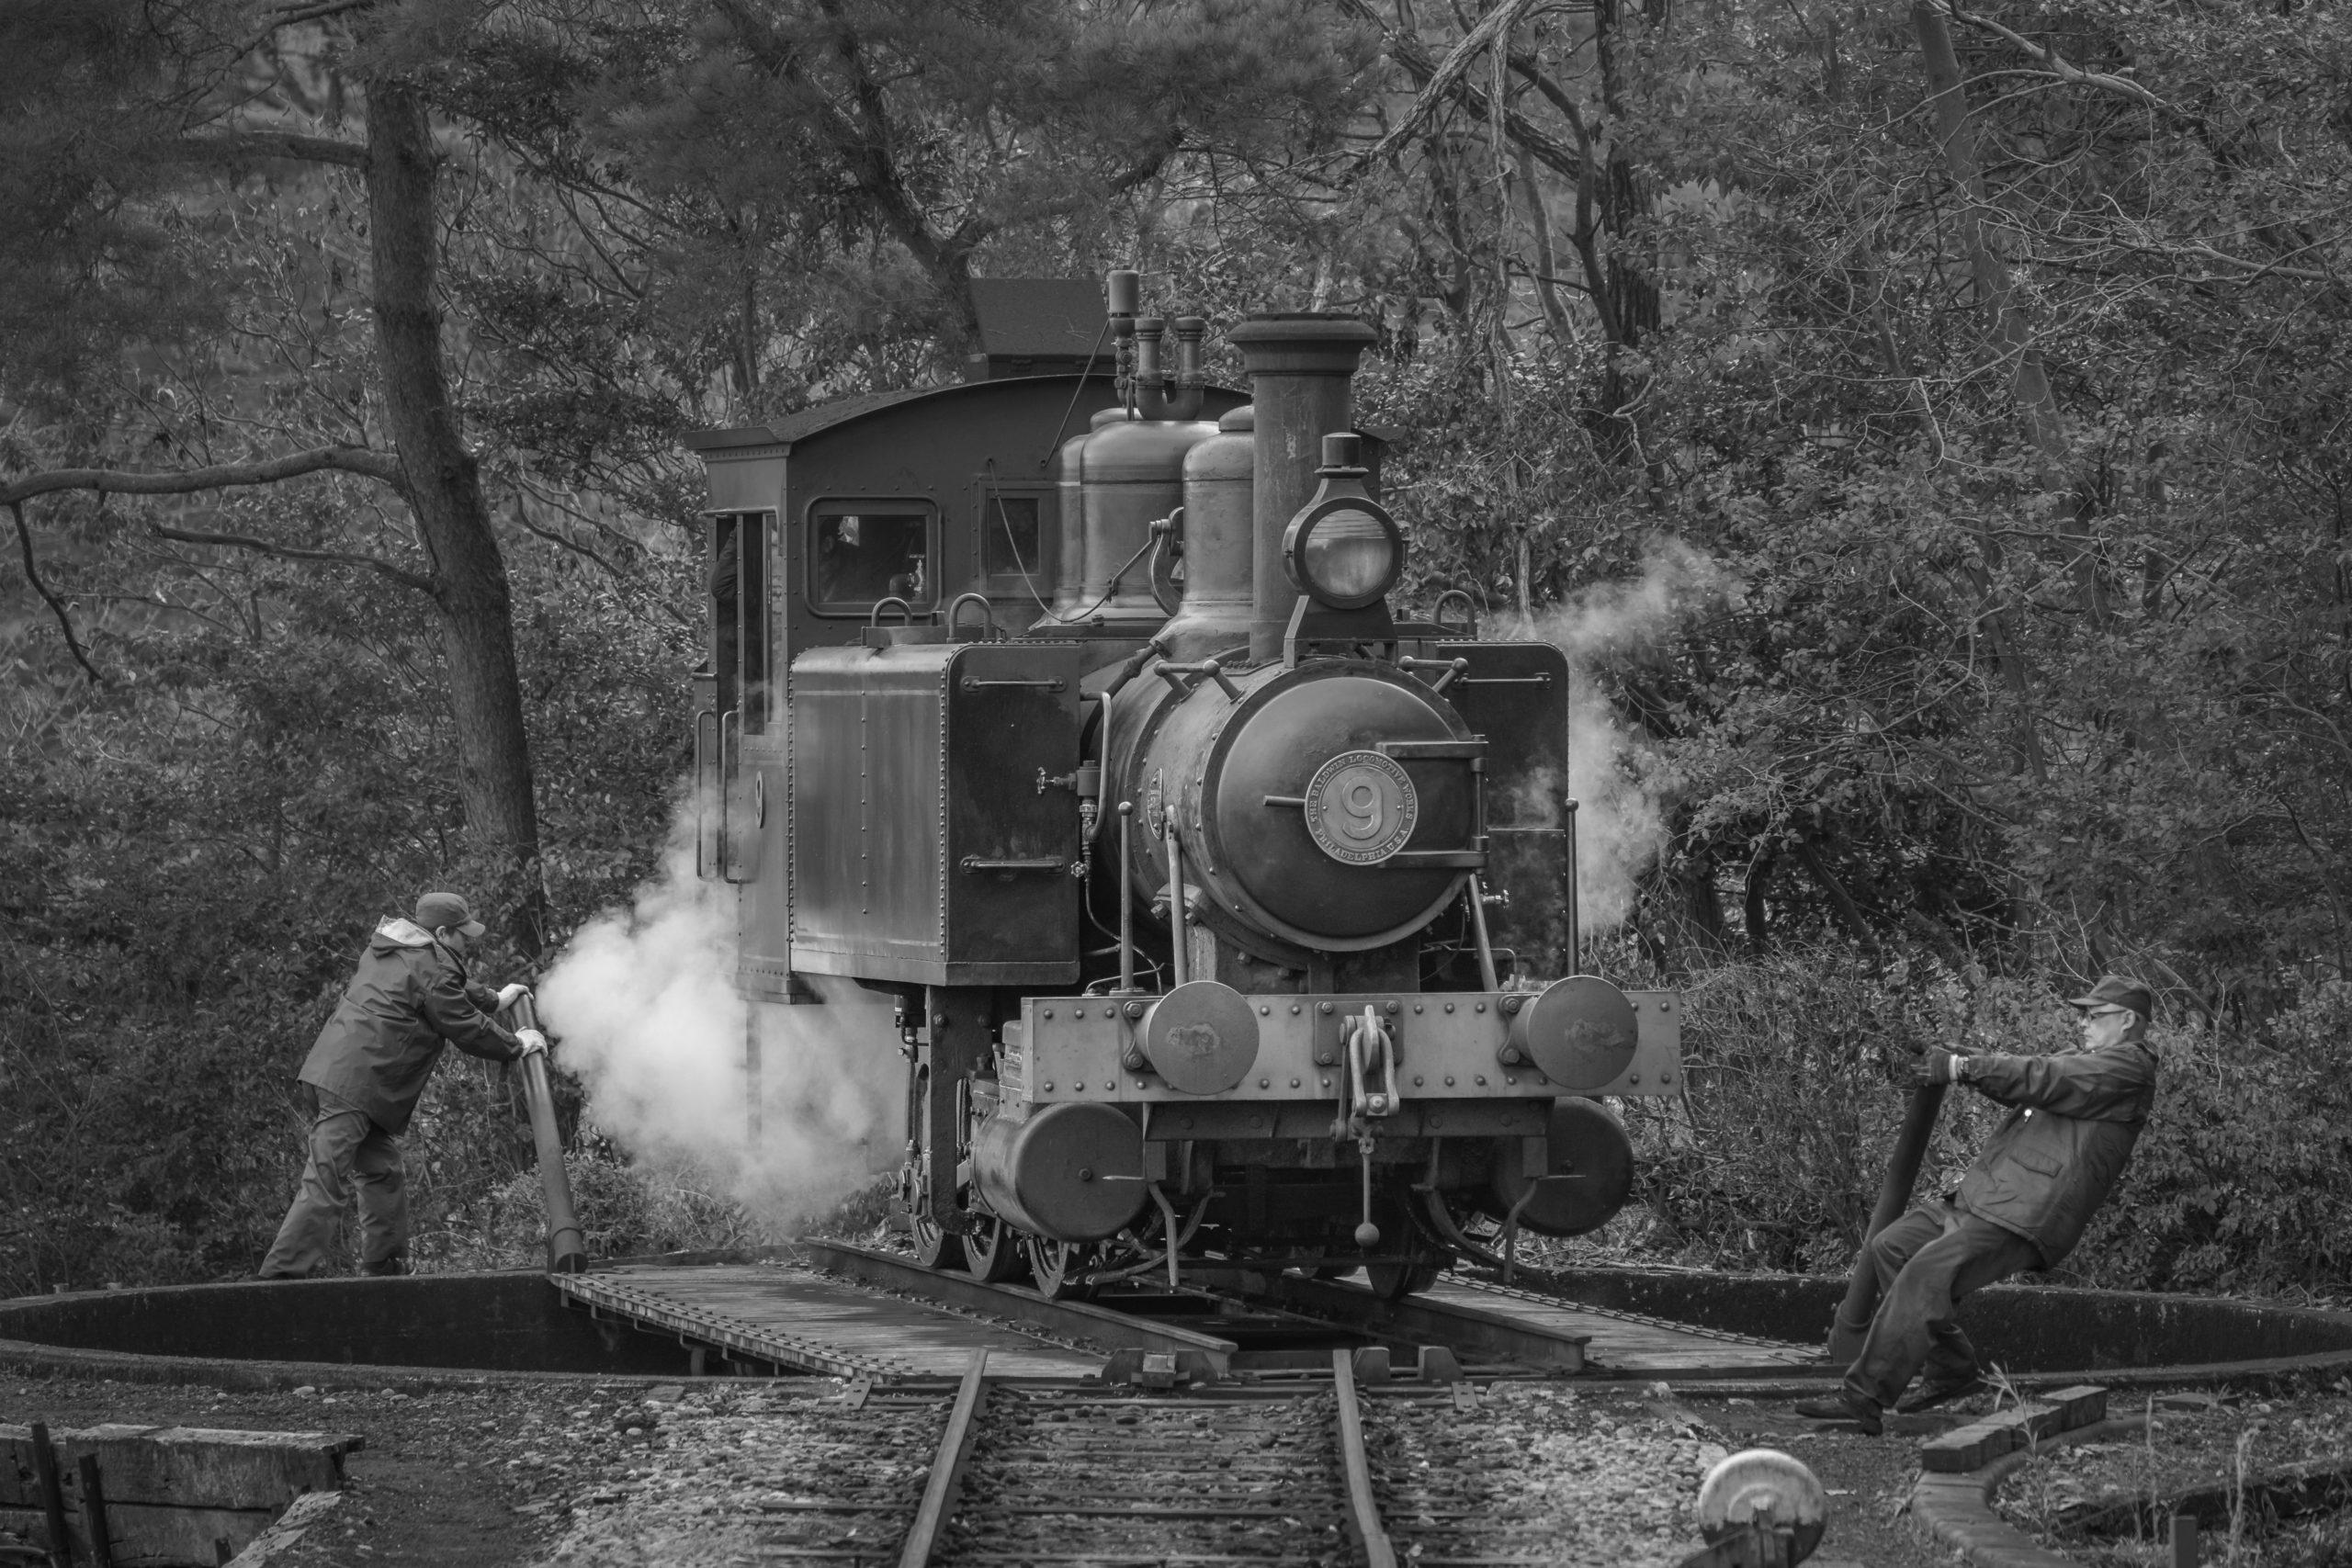 Steam locomotive Manual turntable